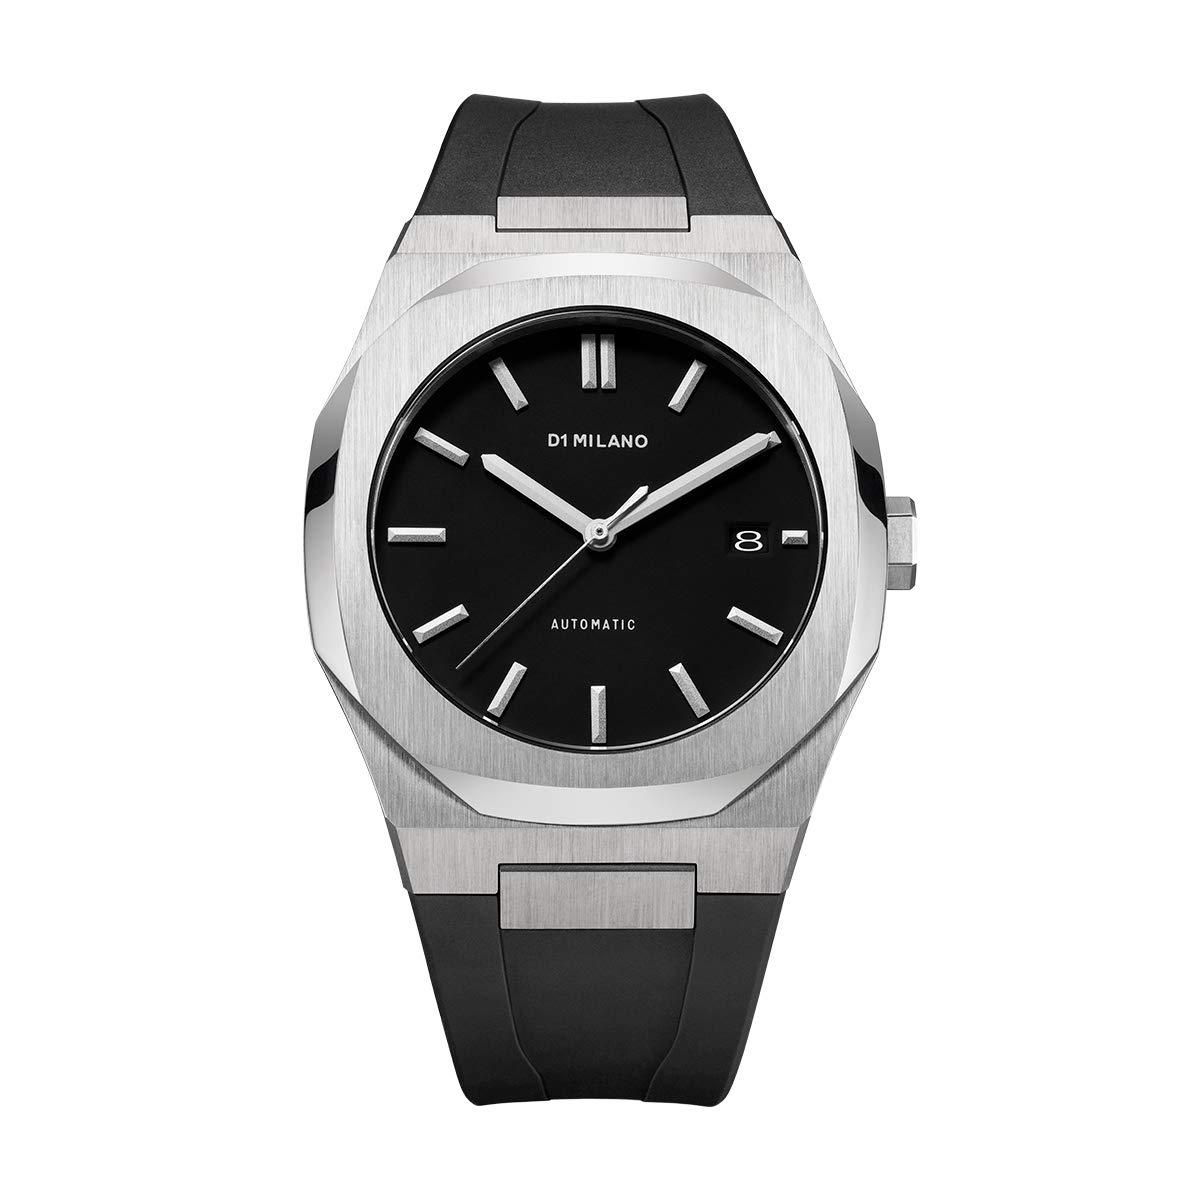 [D1 MILANO] D1ミラノ 時計 メンズ/ブラック <P701> ラバー ベルト ATRJ01 シルバー 自動巻き【正規代理店】